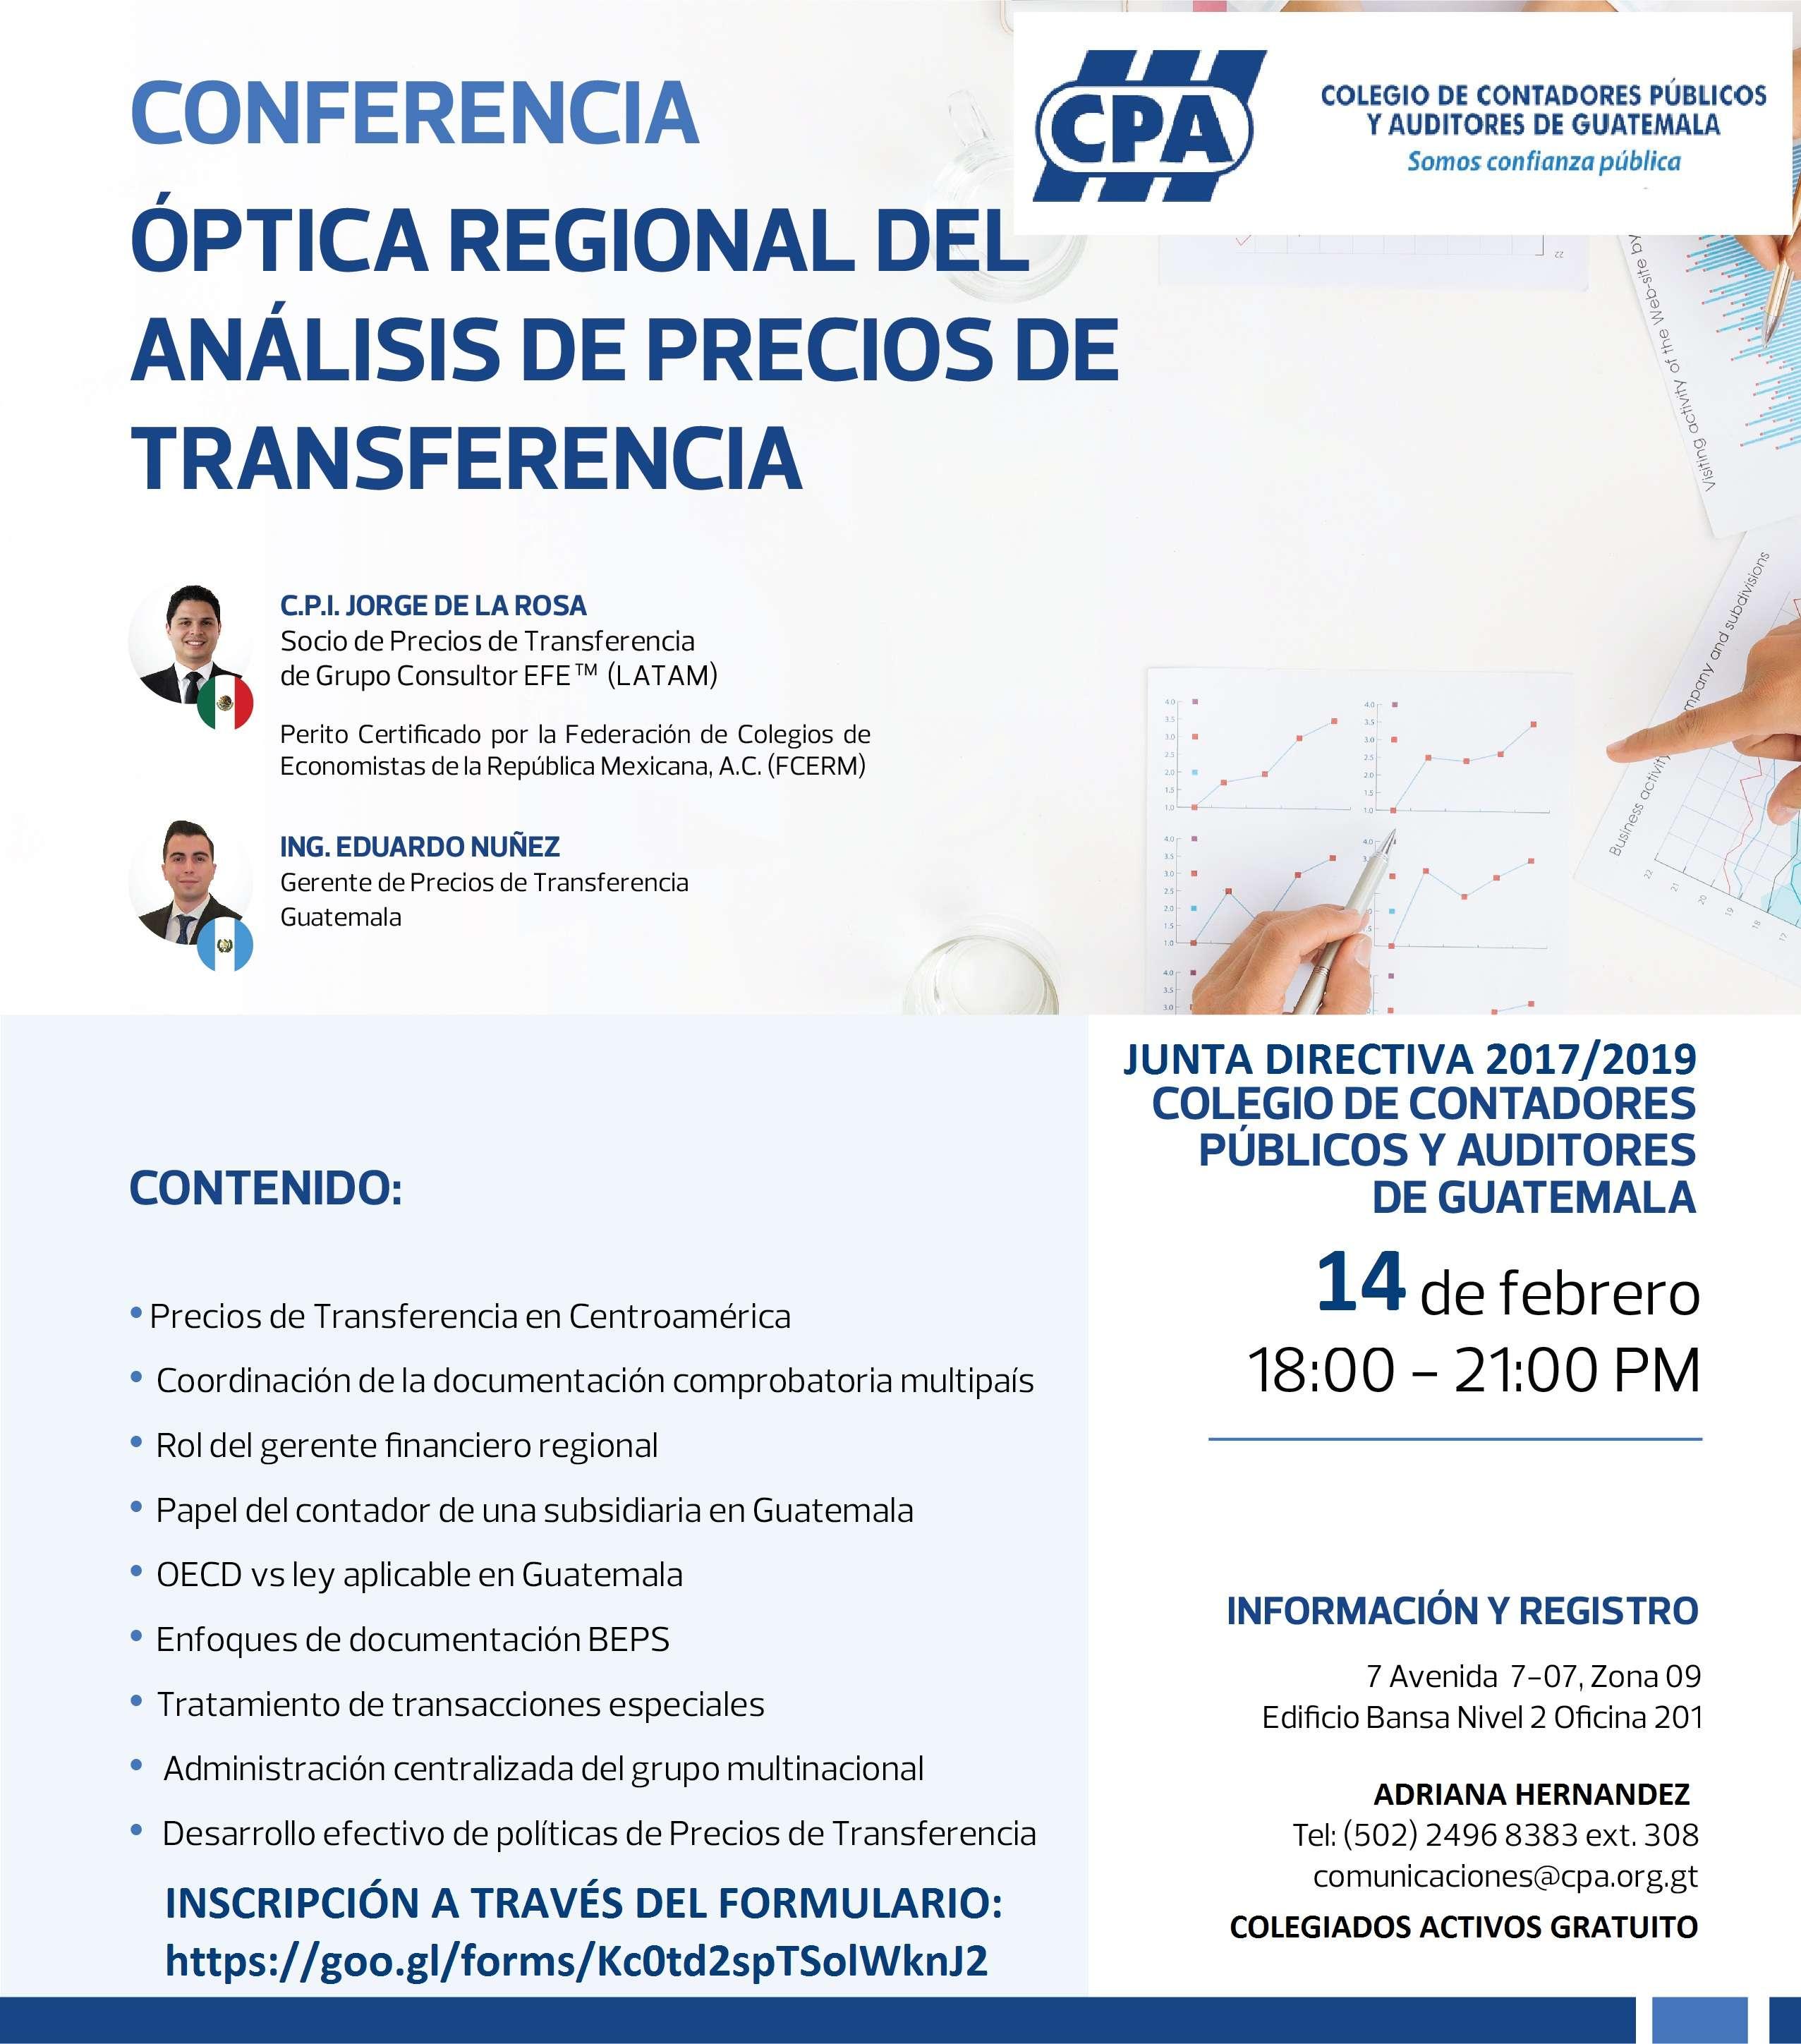 CONFERENCIA ÓPTICA REGIONAL DEL ANÁLISIS DE PRECIOS DE TRANSFERENCIA